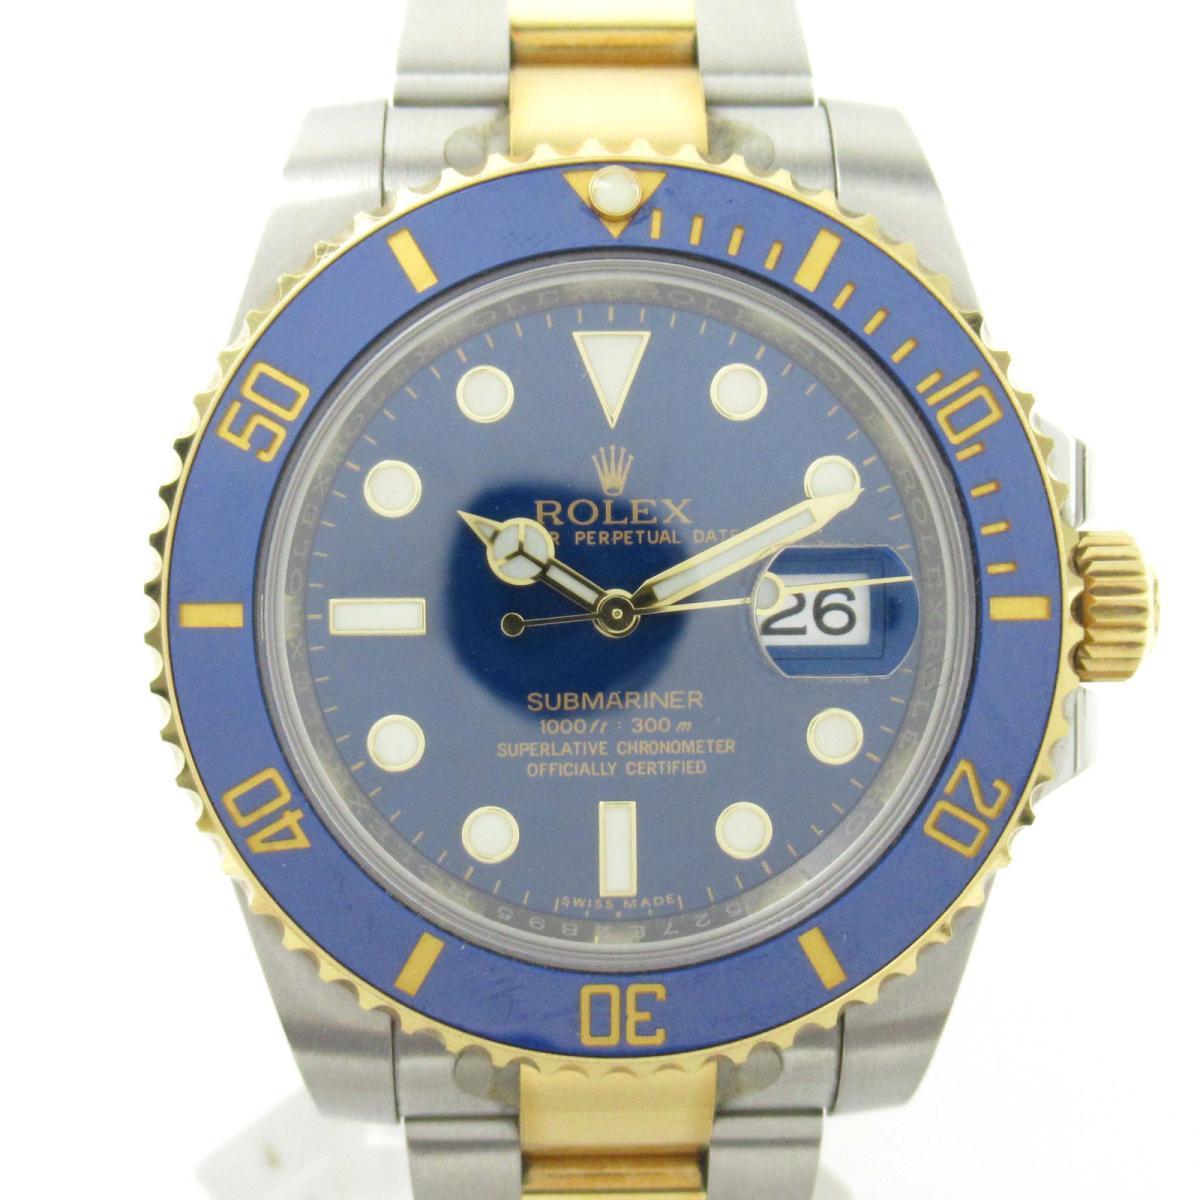 【中古】 ロレックス サブマリーナ ウォッチ 腕時計 メンズ K18YG (750)イエローゴールド x ステンレススチール (SS) (116613LB ランダム番) | ROLEX BRANDOFF ブランドオフ ブランド ブランド時計 ブランド腕時計 時計